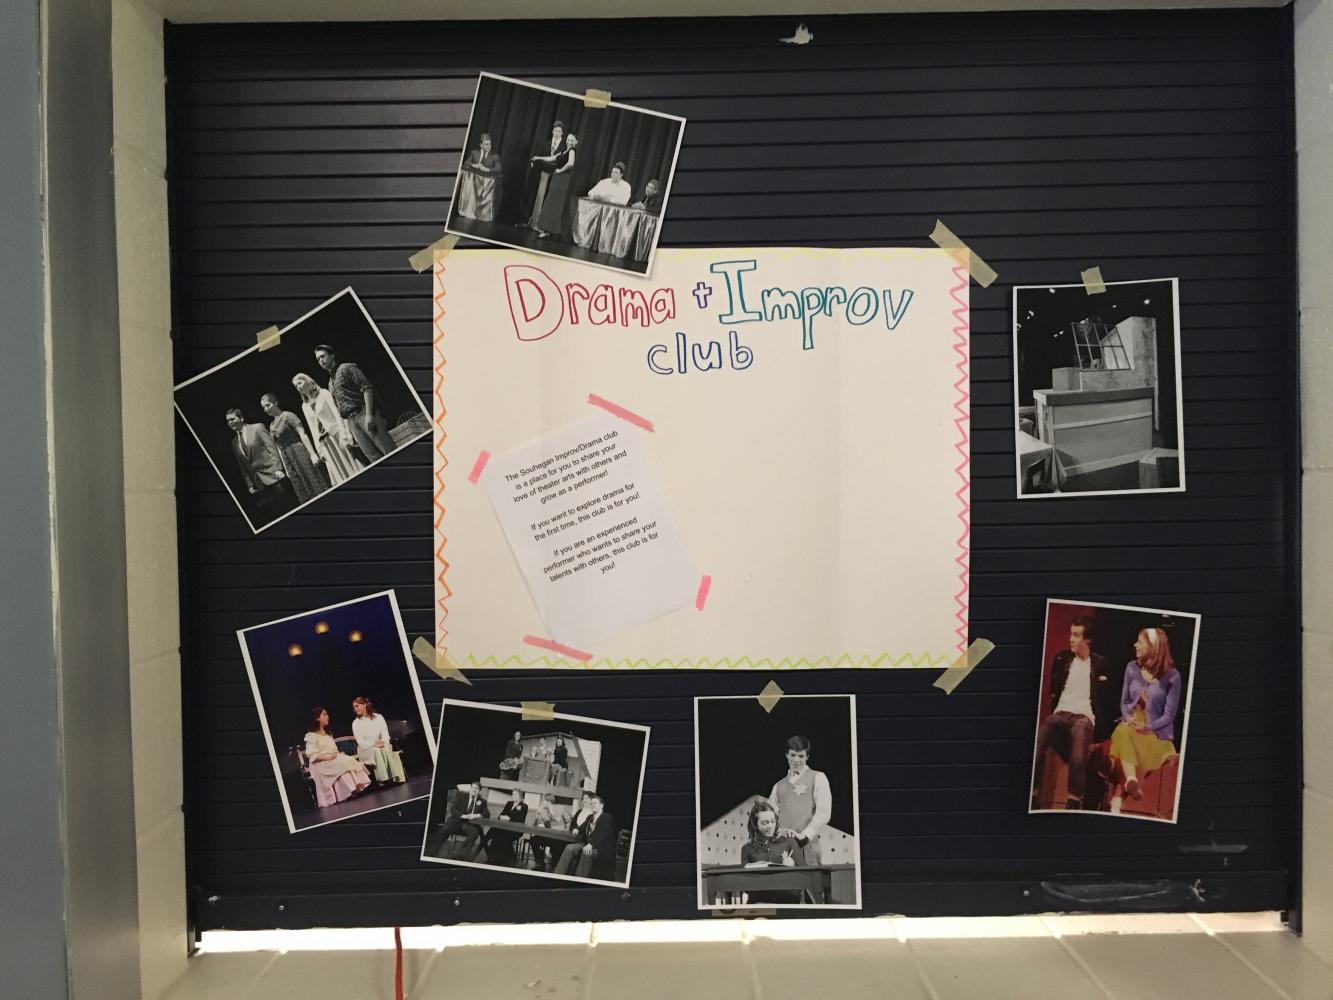 Drama+and+Improv+club